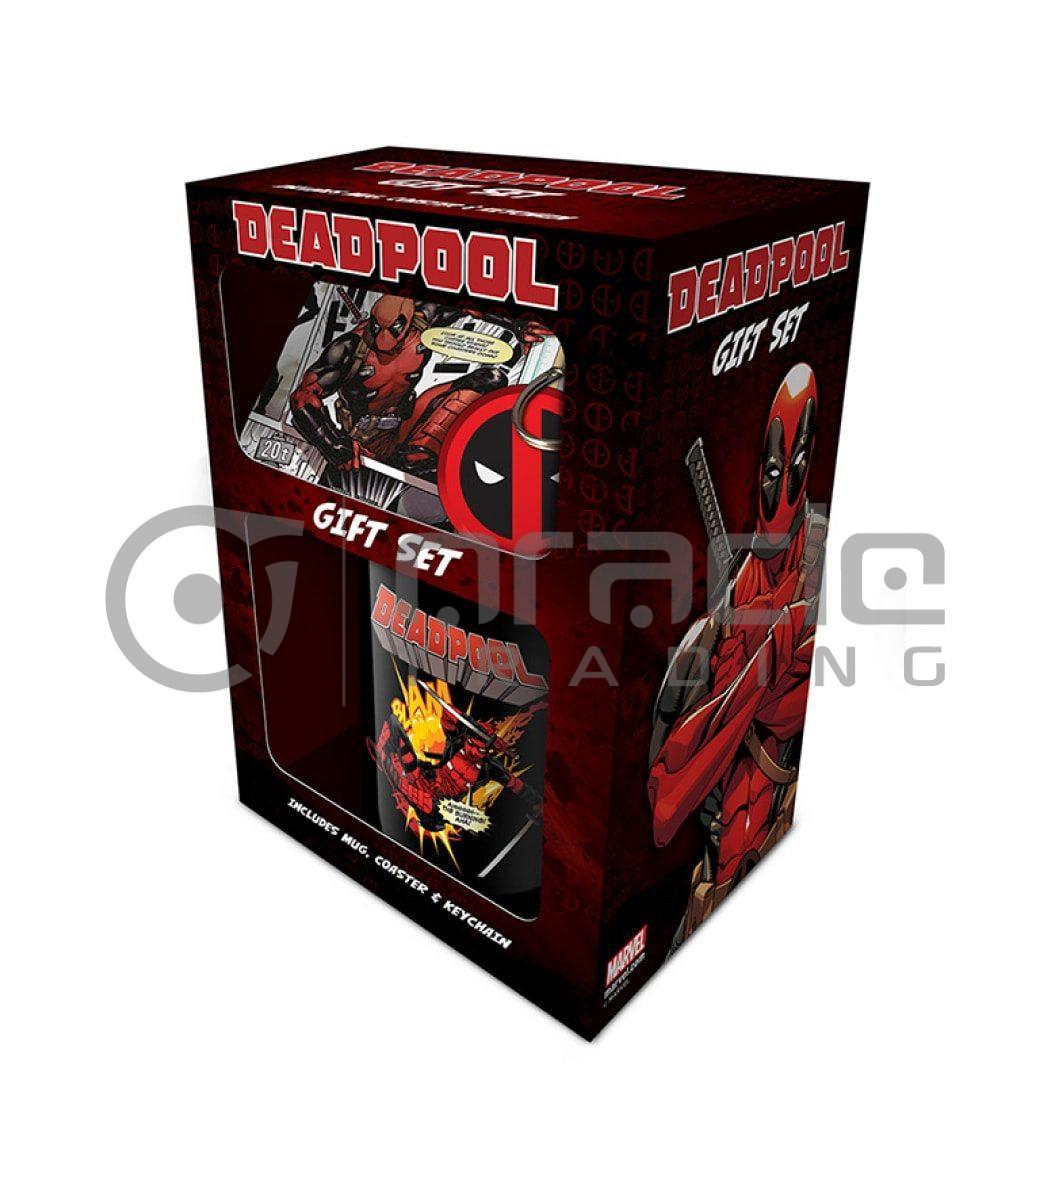 Deadpool Gift Set